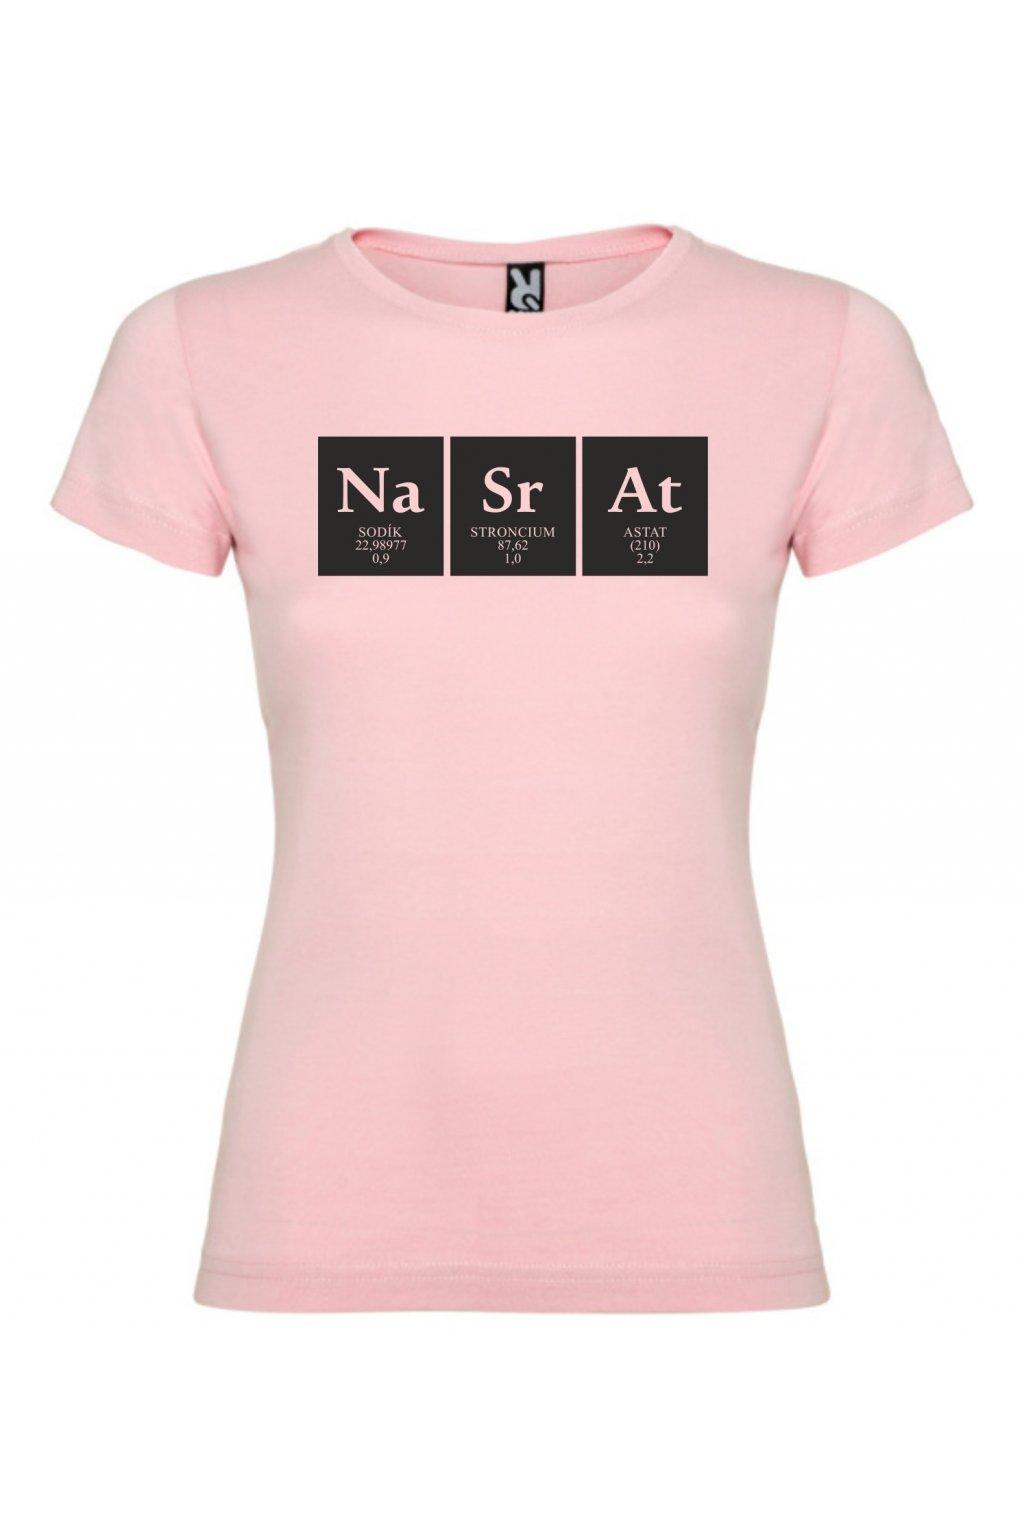 Chemik světle růžové tričko